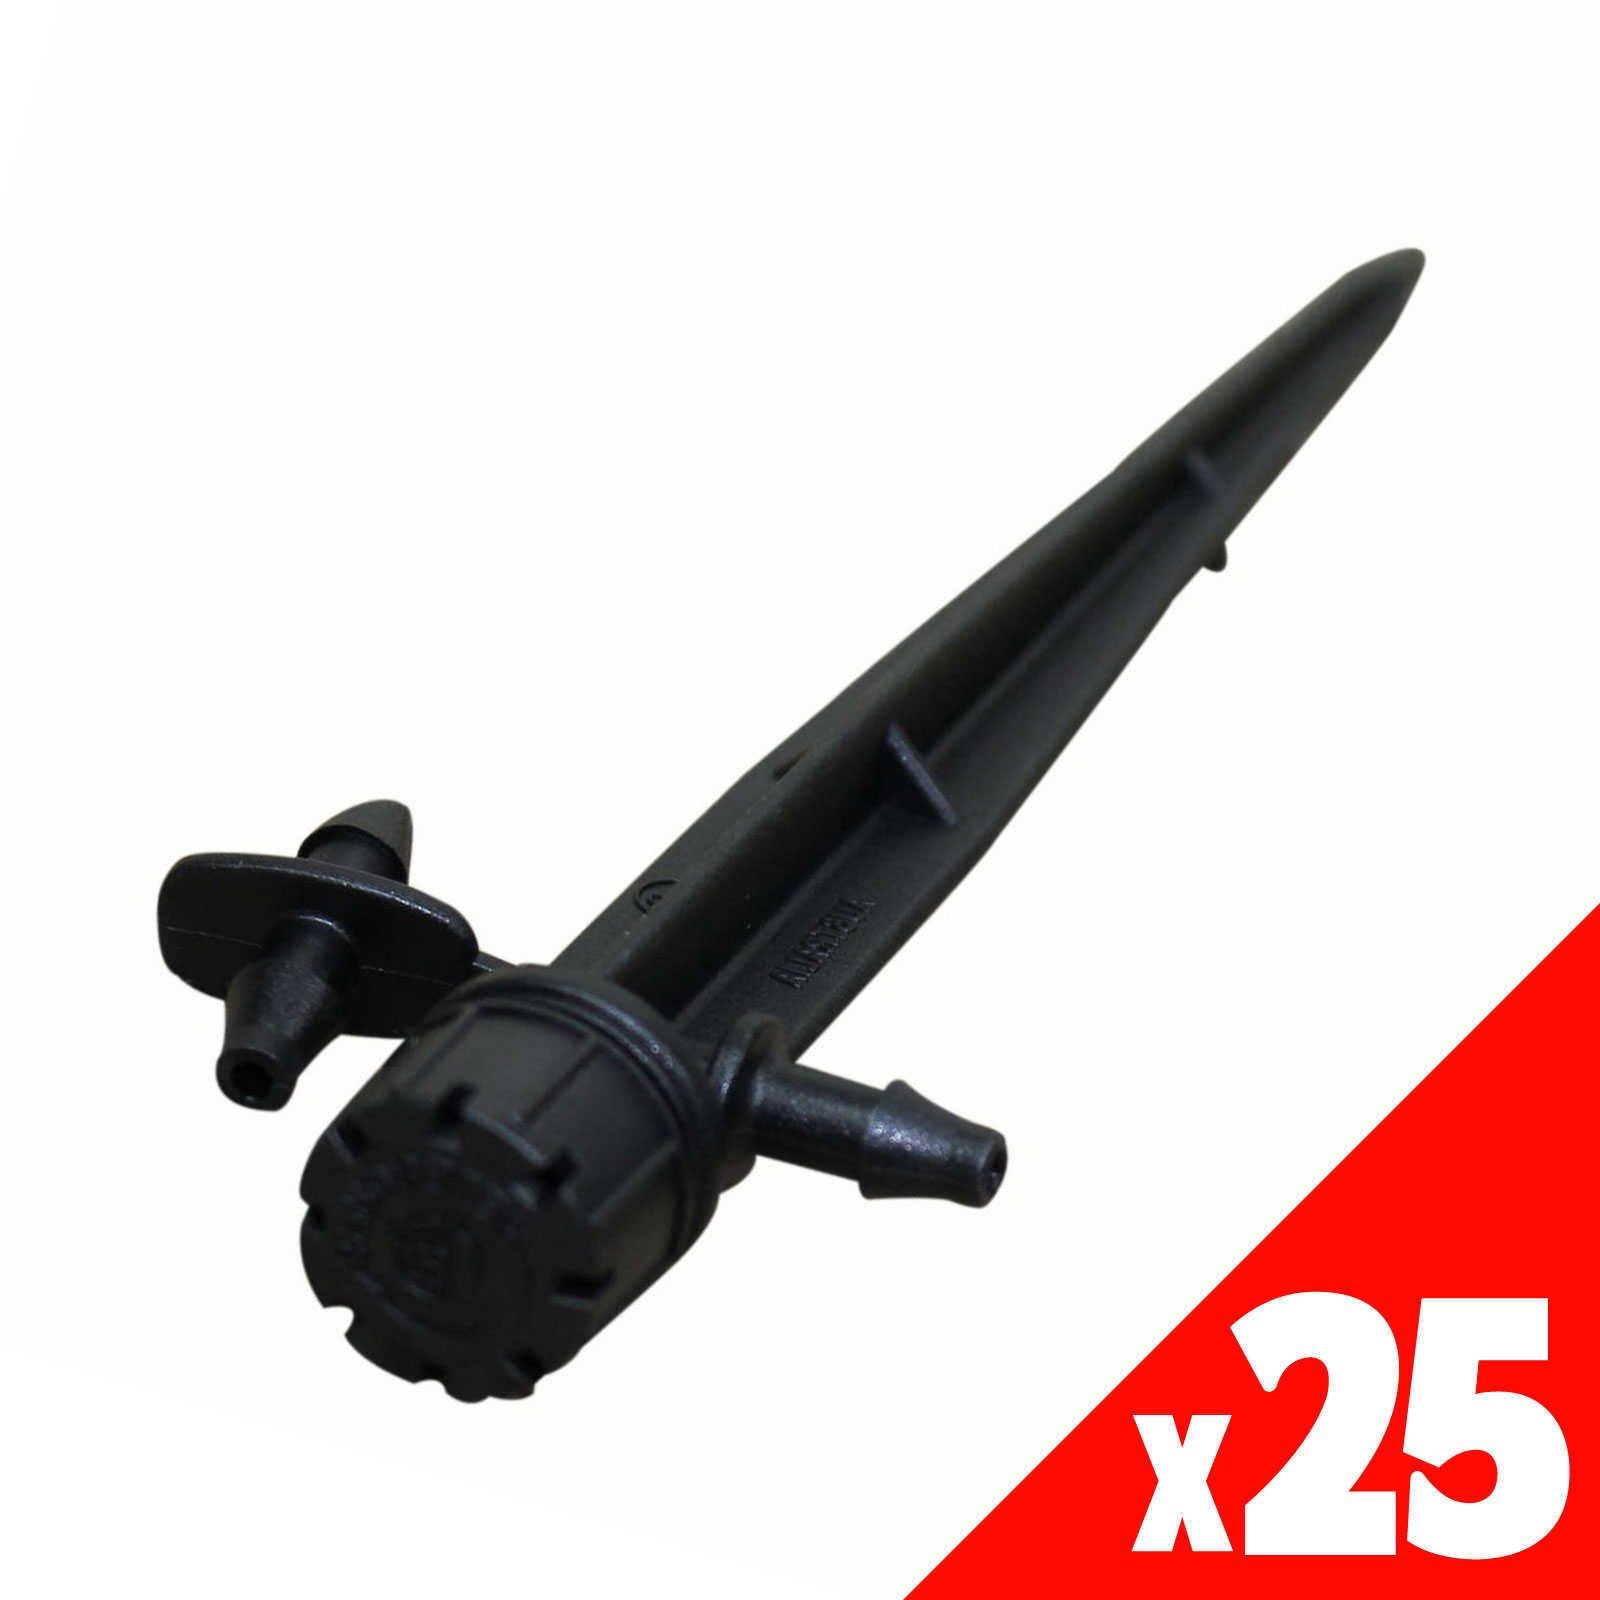 Antelco 15 SHRUBBLER 360 DEGREE end-line SPIKE